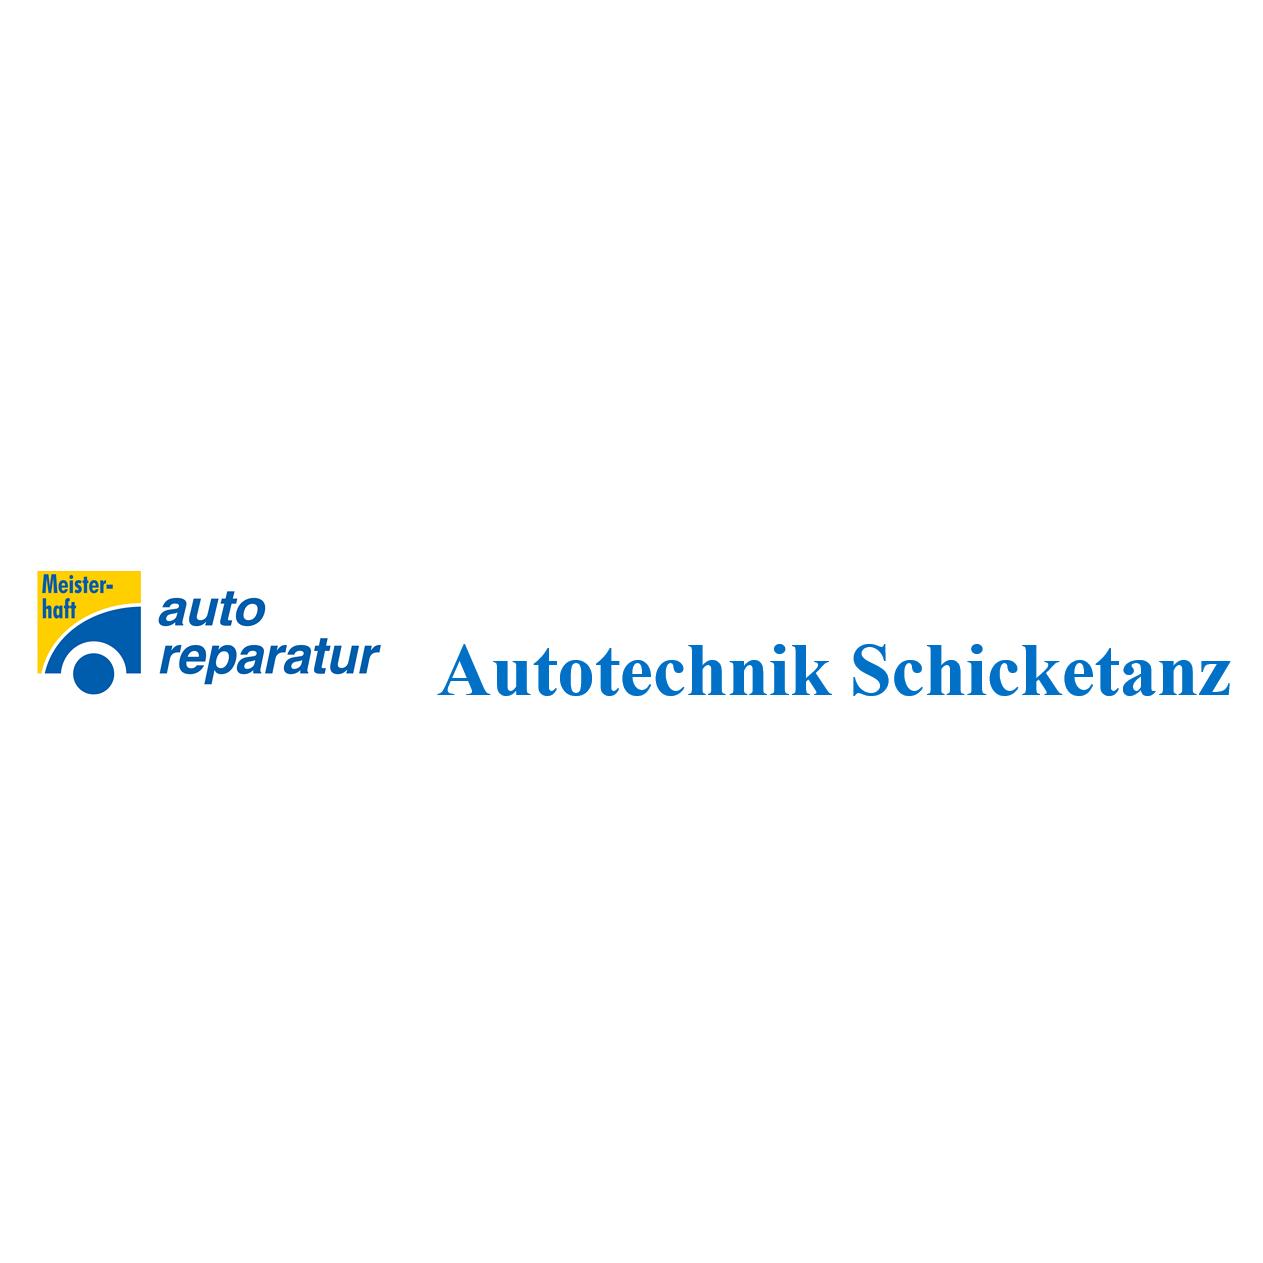 Bild zu Thomas Schicketanz Autotechnik in Stollberg im Erzgebirge